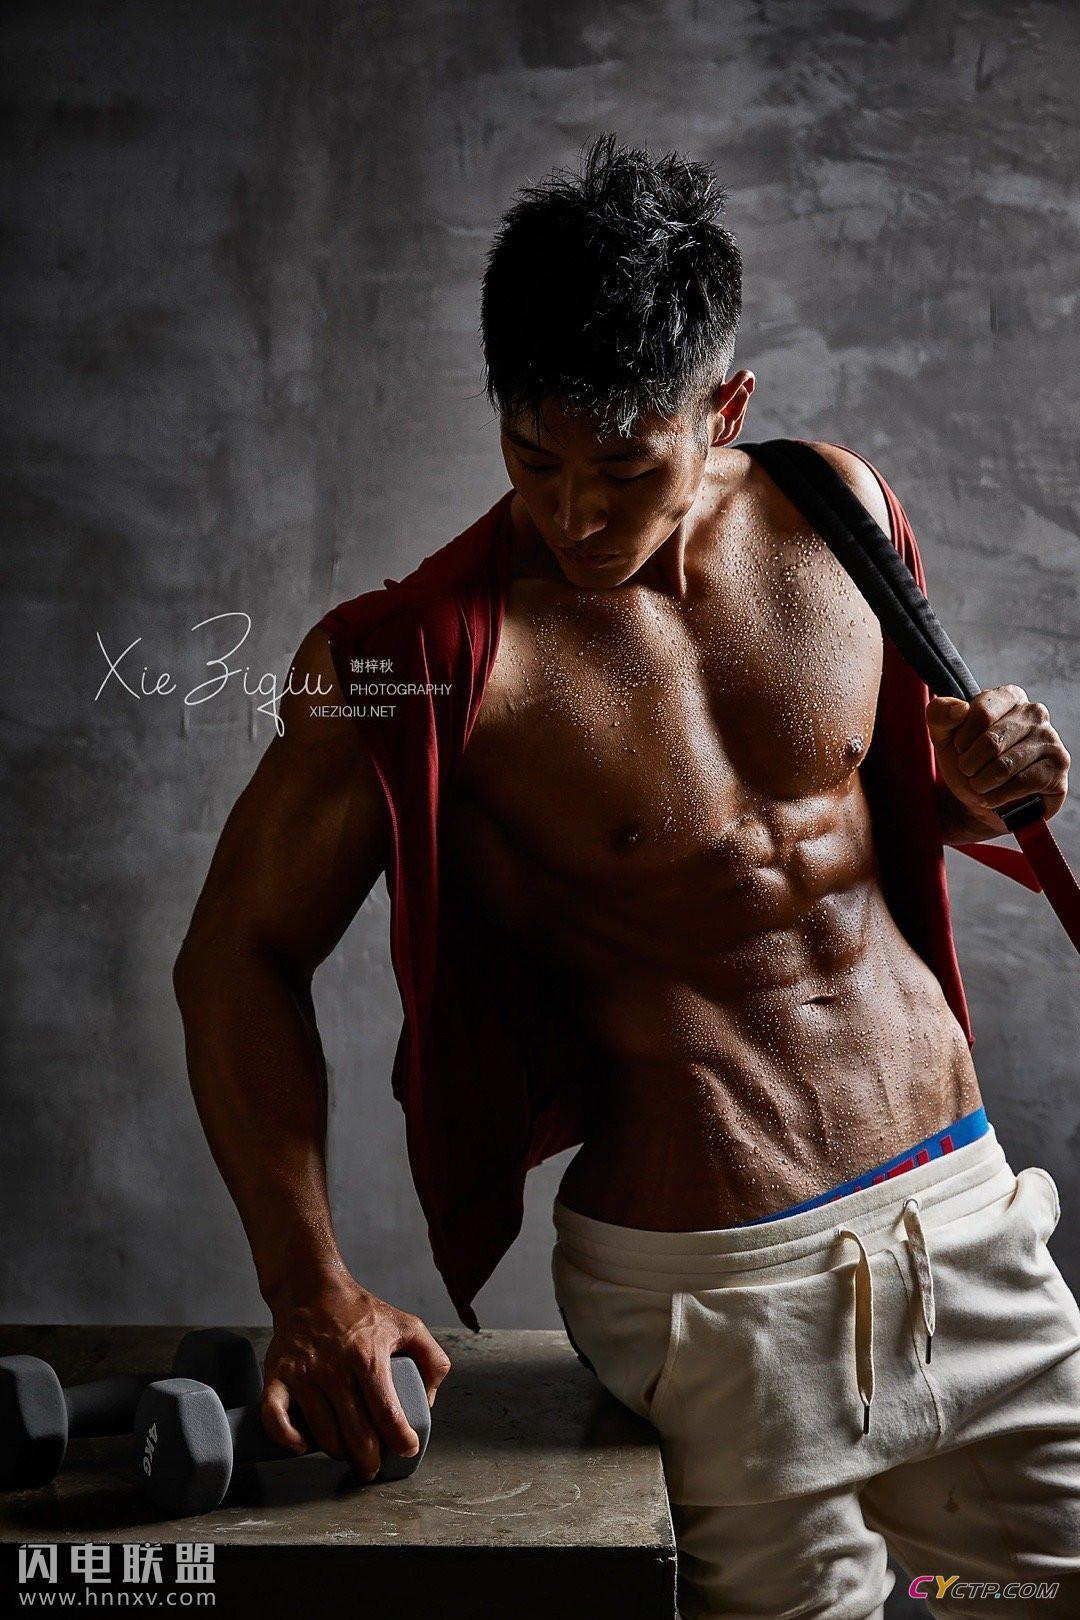 淡蓝网肌肉帅哥性感男体艺术照片